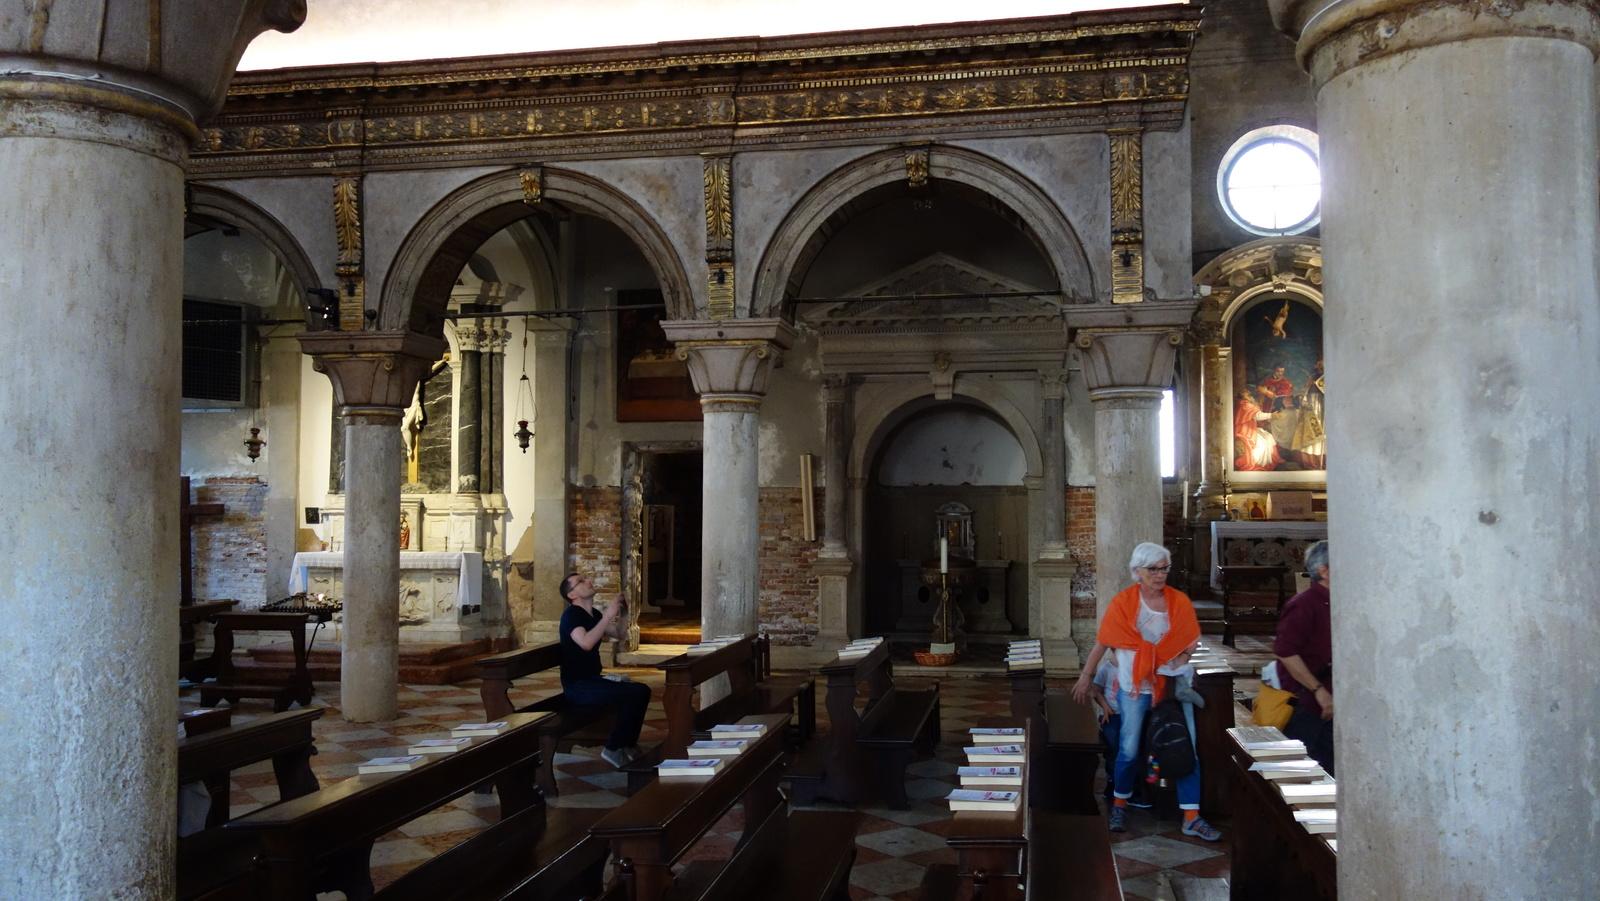 029 - San Giacomo dell'Orio